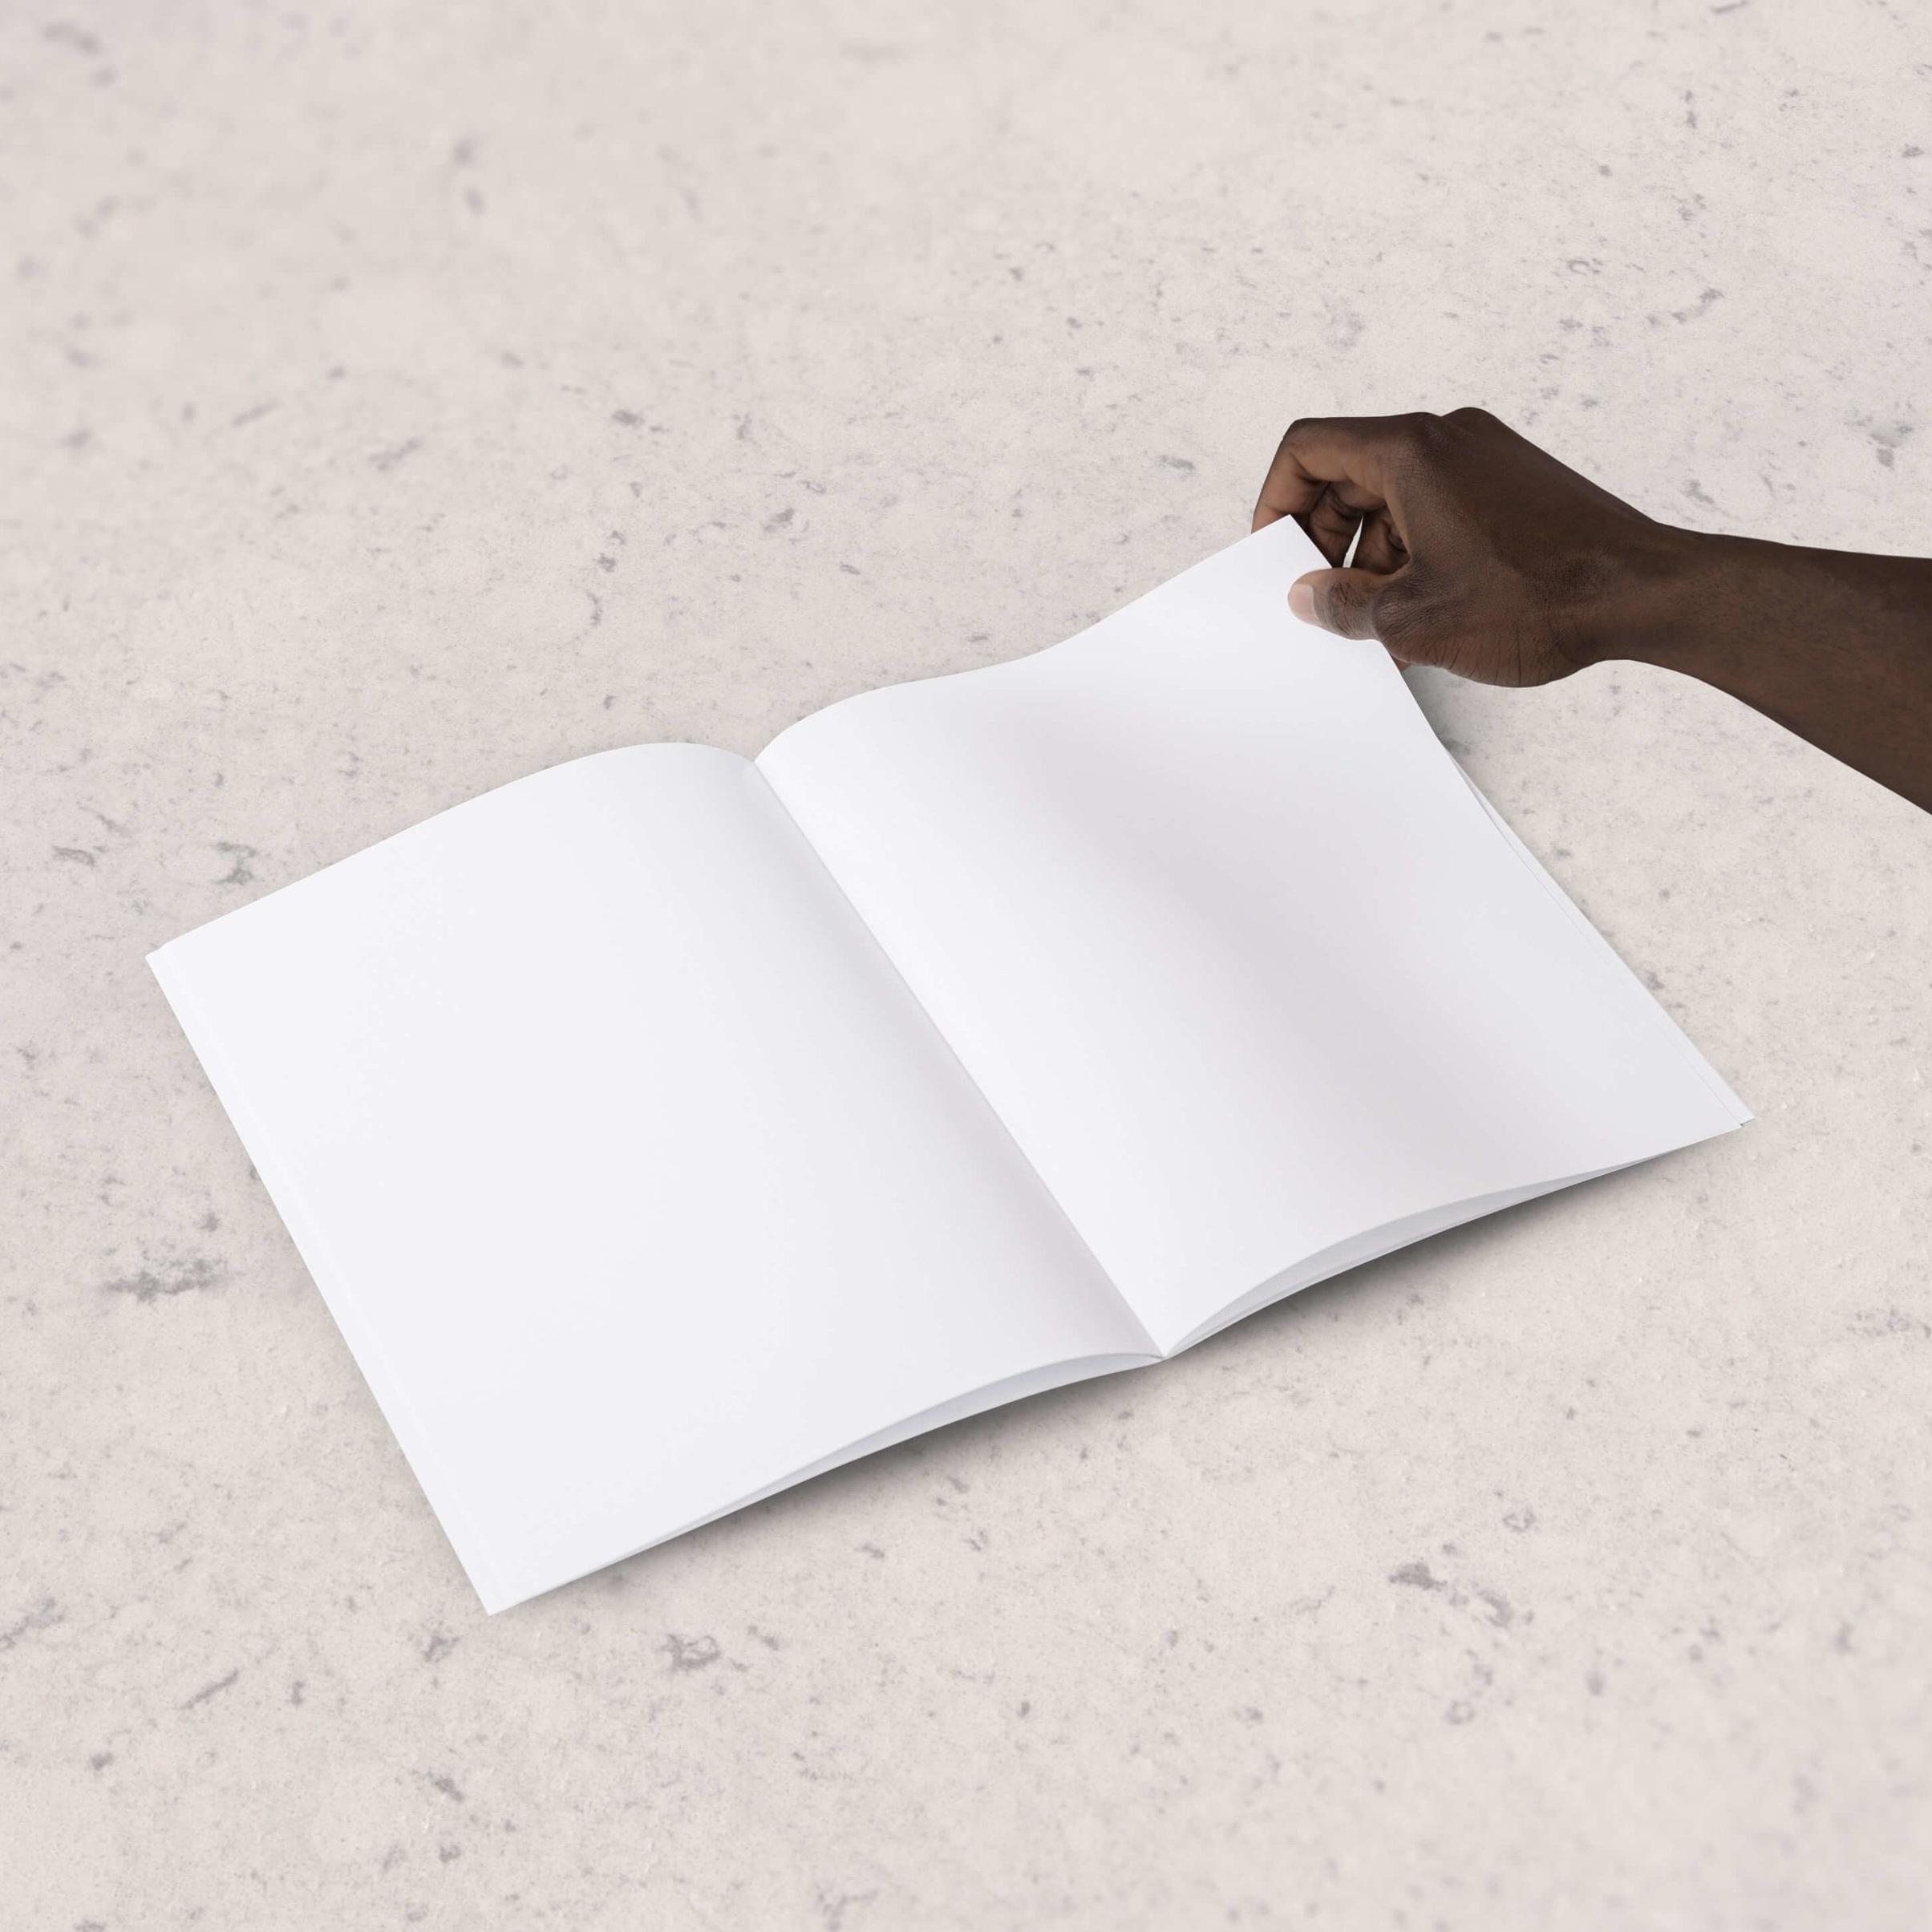 1. Setup White Paper